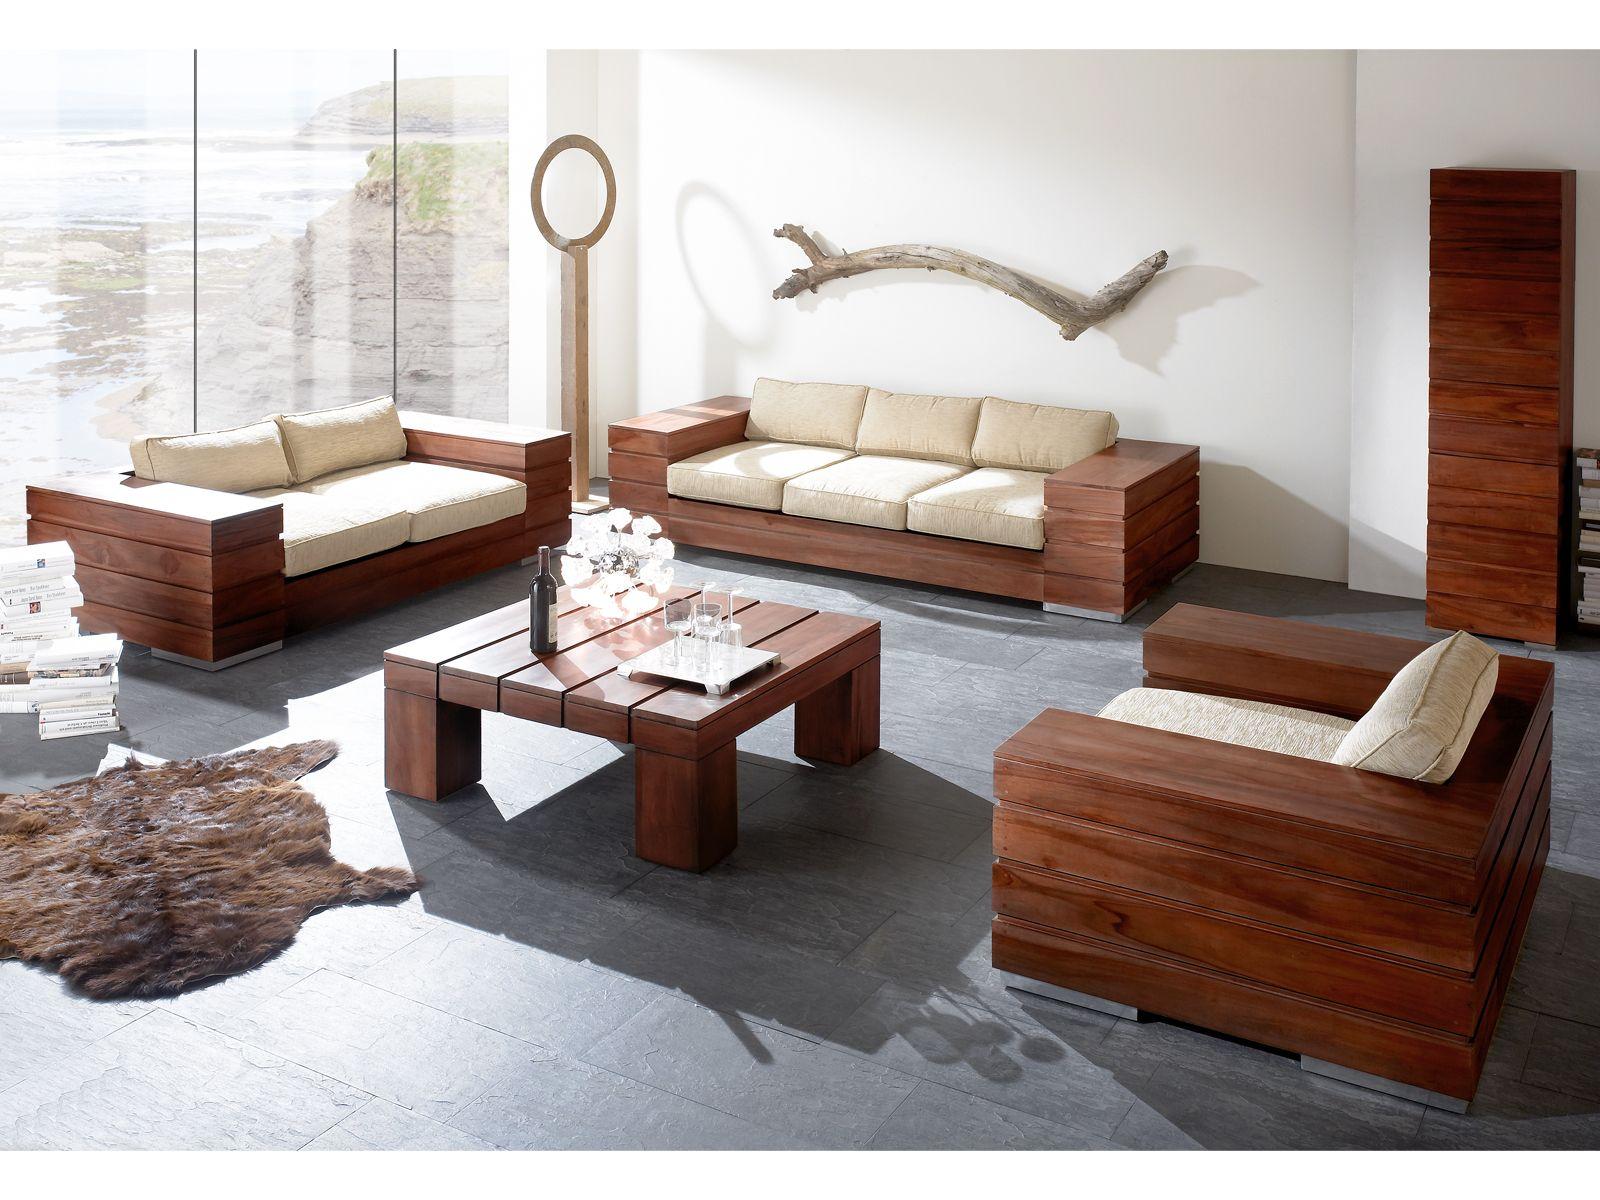 Pin Von Massivum Echtholzmobel Kreative Wohnideen Accessoires Auf Wohnzimmer Einrichten Wohnzimmer Einrichten Haus Deko Und Lounge Mobel